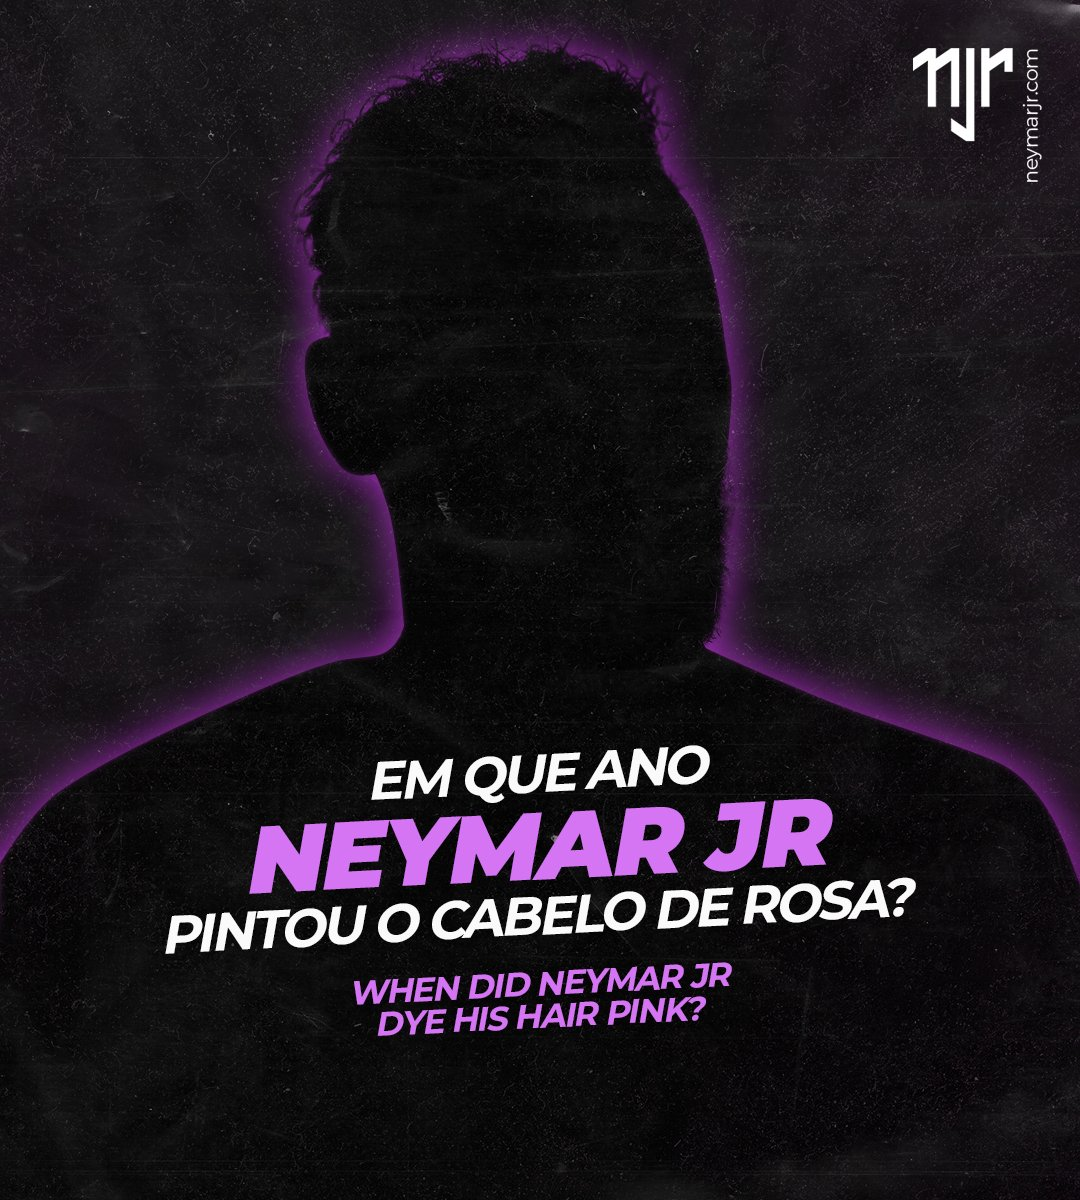 É hora de testar seus conhecimentos sobre Neymar Jr 🤔⚽ Qual o seu palpite? ⠀ It's time to test your knowledge...🤔⚽ What's your guess? ⠀ #Neymar #NeymarJr #psg #parissaintgermain #pink https://t.co/0nJMsHube3